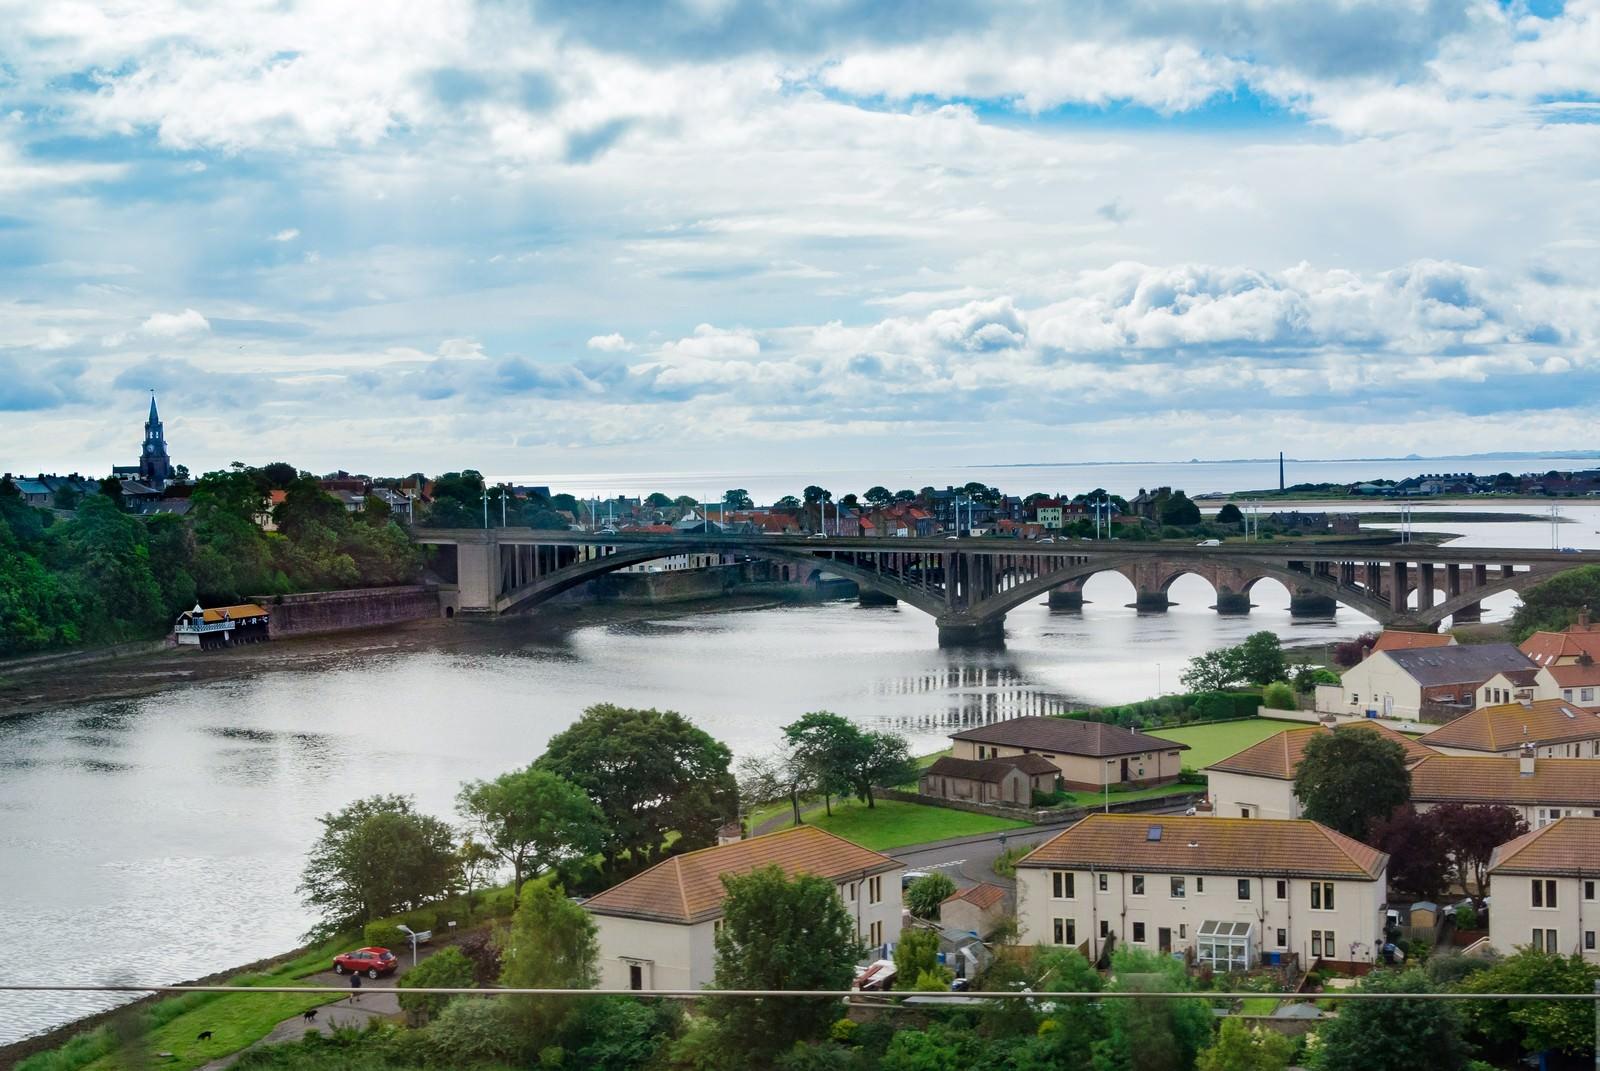 「イギリス北部の街並みと河川イギリス北部の街並みと河川」のフリー写真素材を拡大